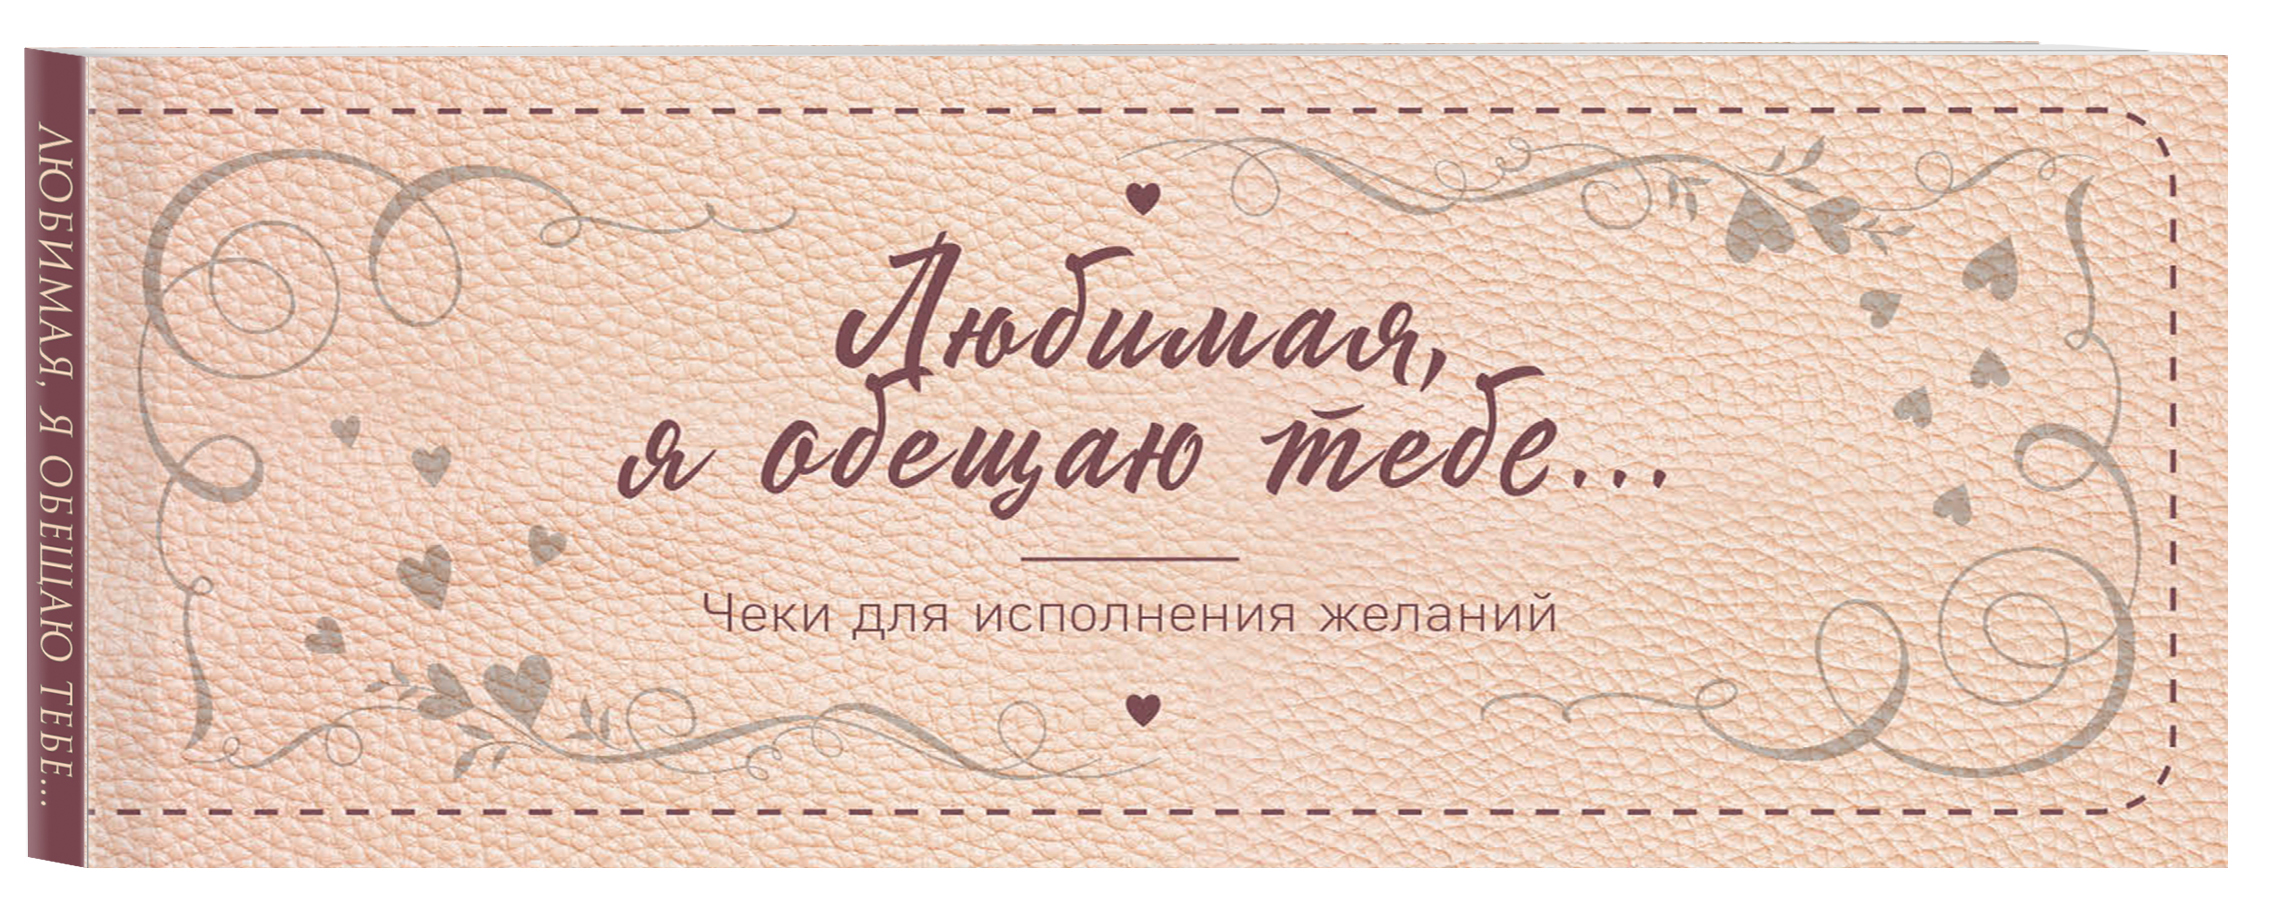 Любимая, я обещаю тебе… Чеки для исполнения желаний (новое оформление) н дубенюк любимый я обещаю тебе… уровень 2 чеки для исполнения желаний